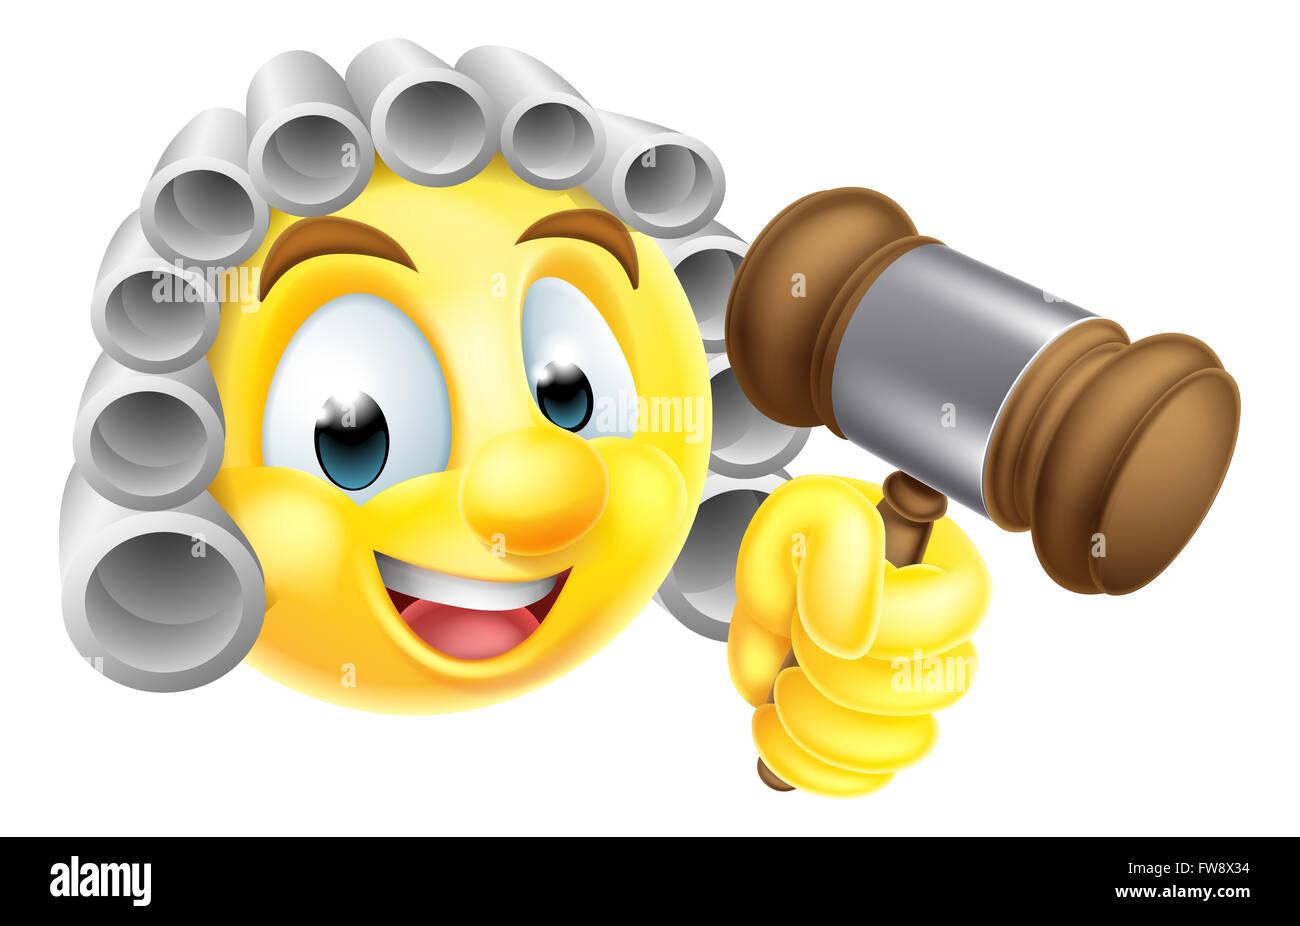 Smiling cartoon emoji emoticon smiley stockfotos